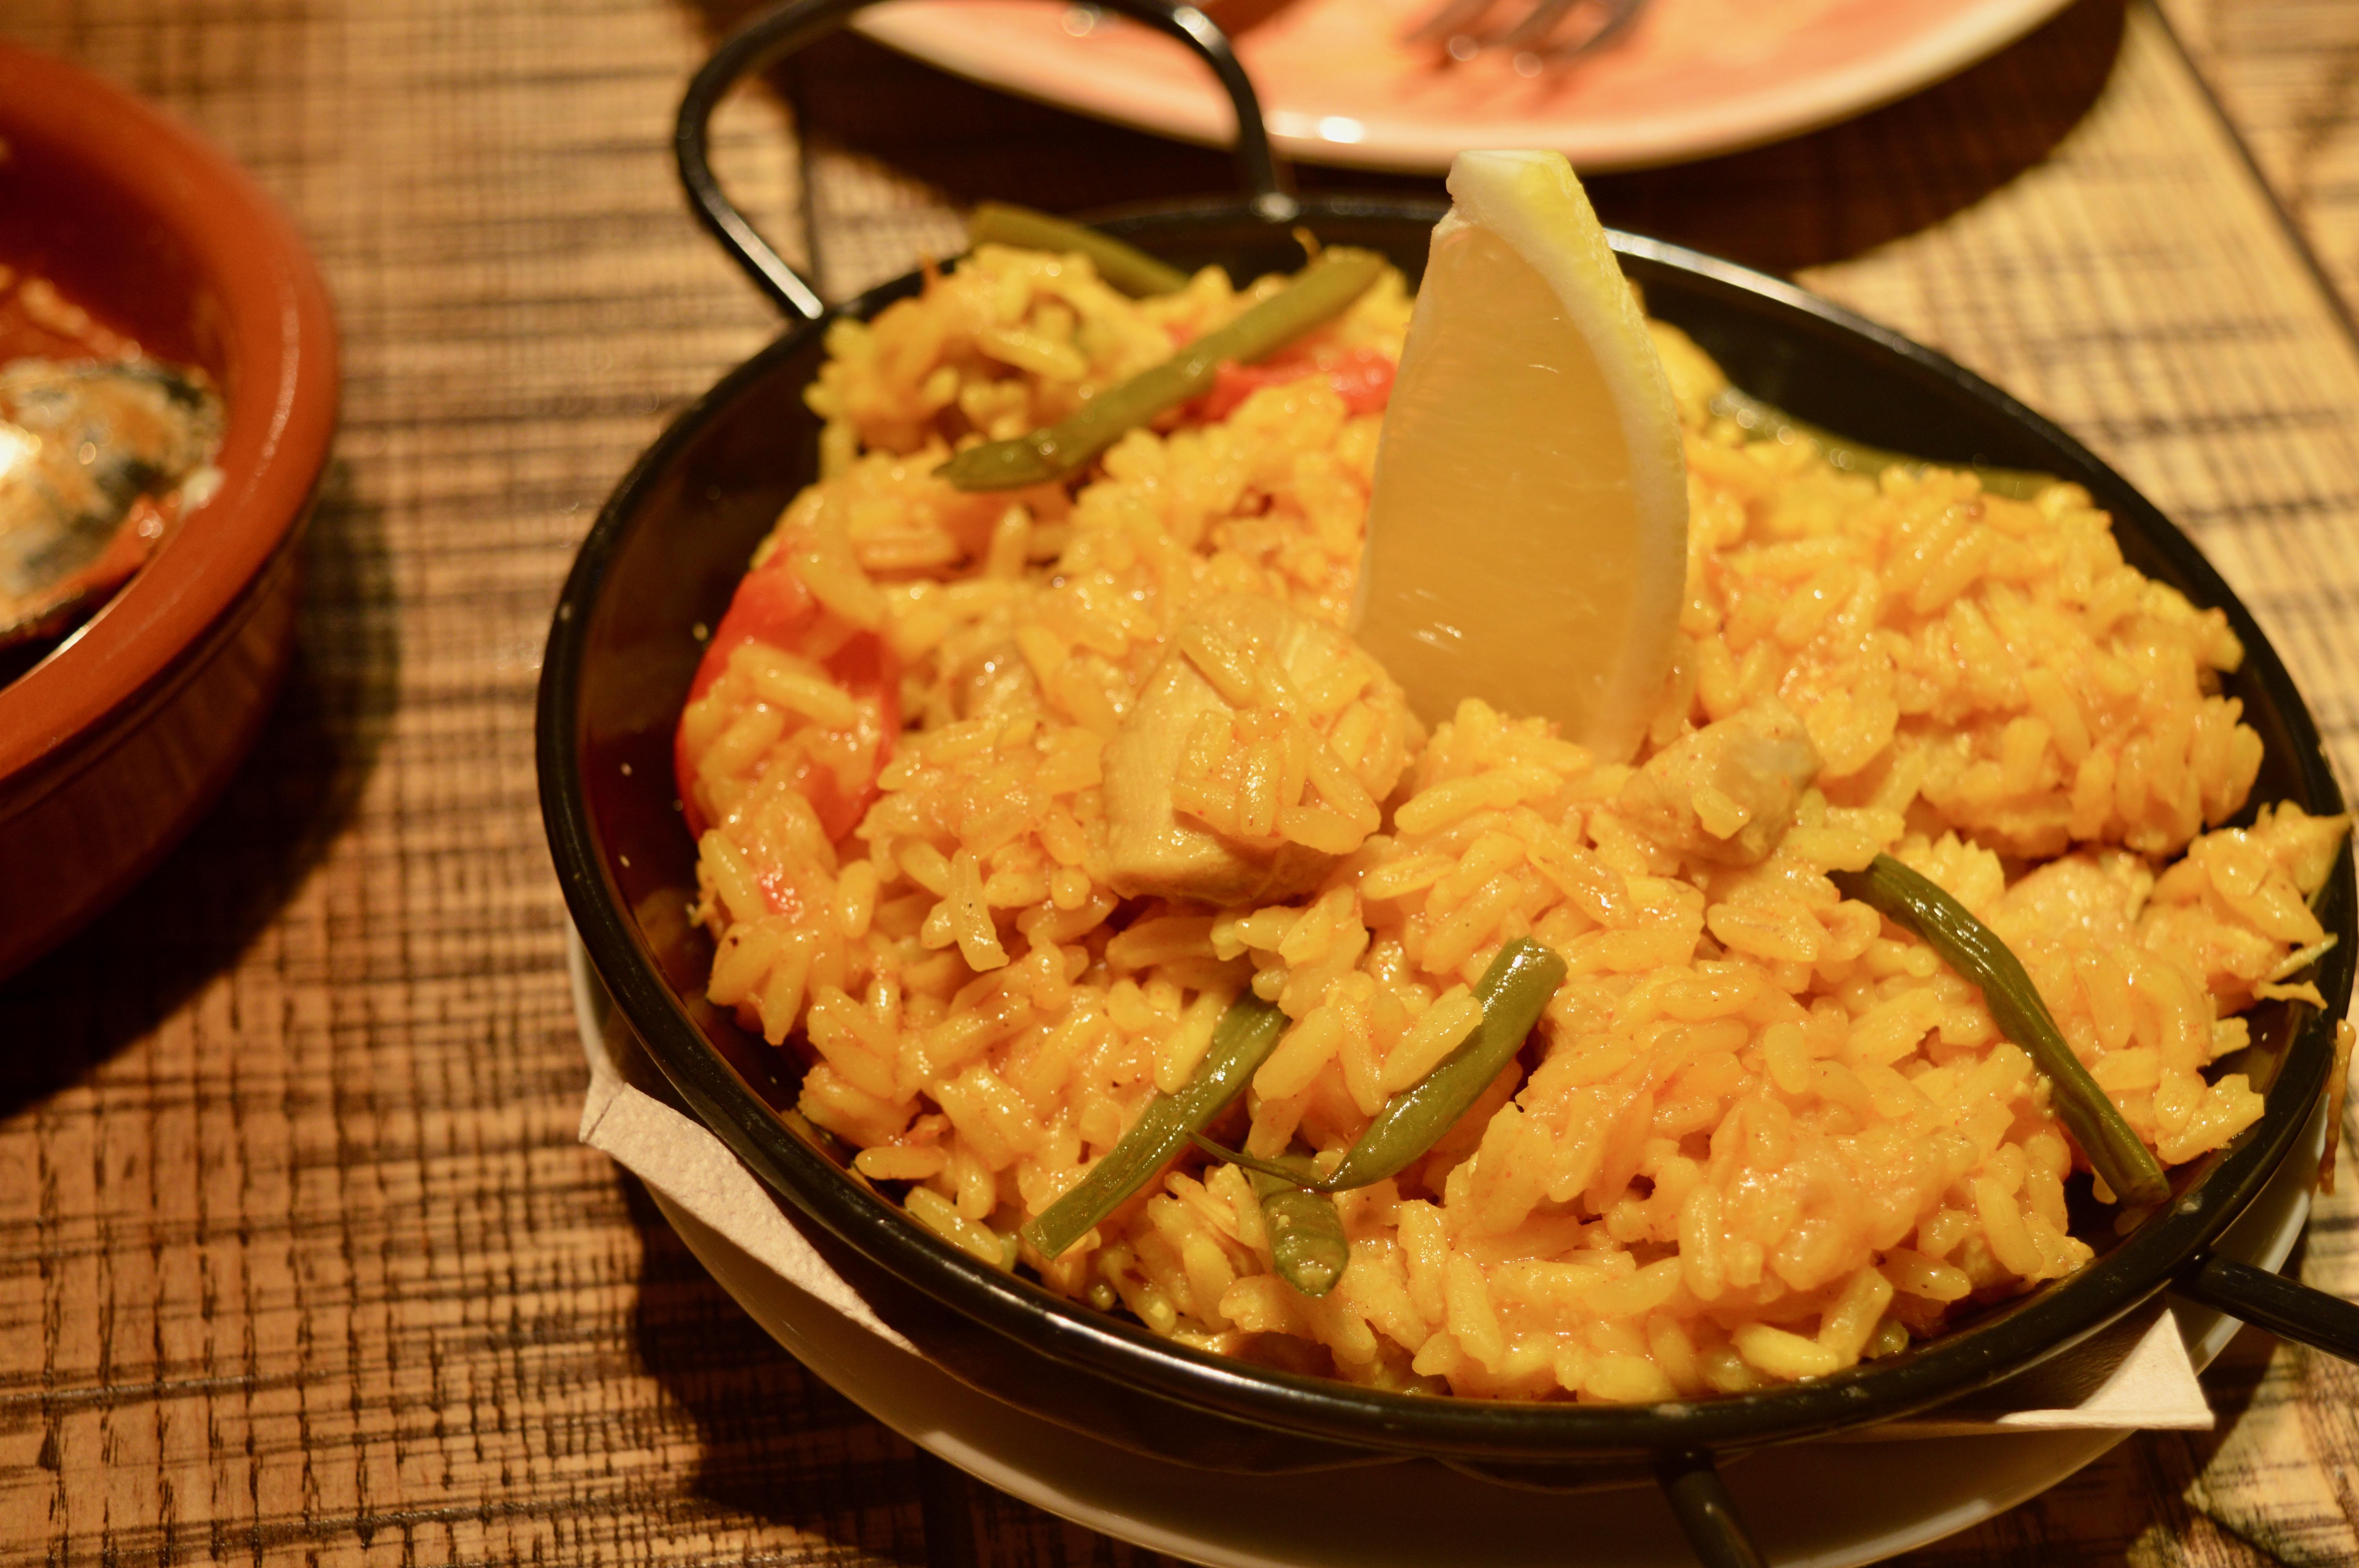 pollo-paella-tapas-revolution-food-review-newcastle-omar-allibhoy-elle-blonde-luxury-lifestyle-destination-blog